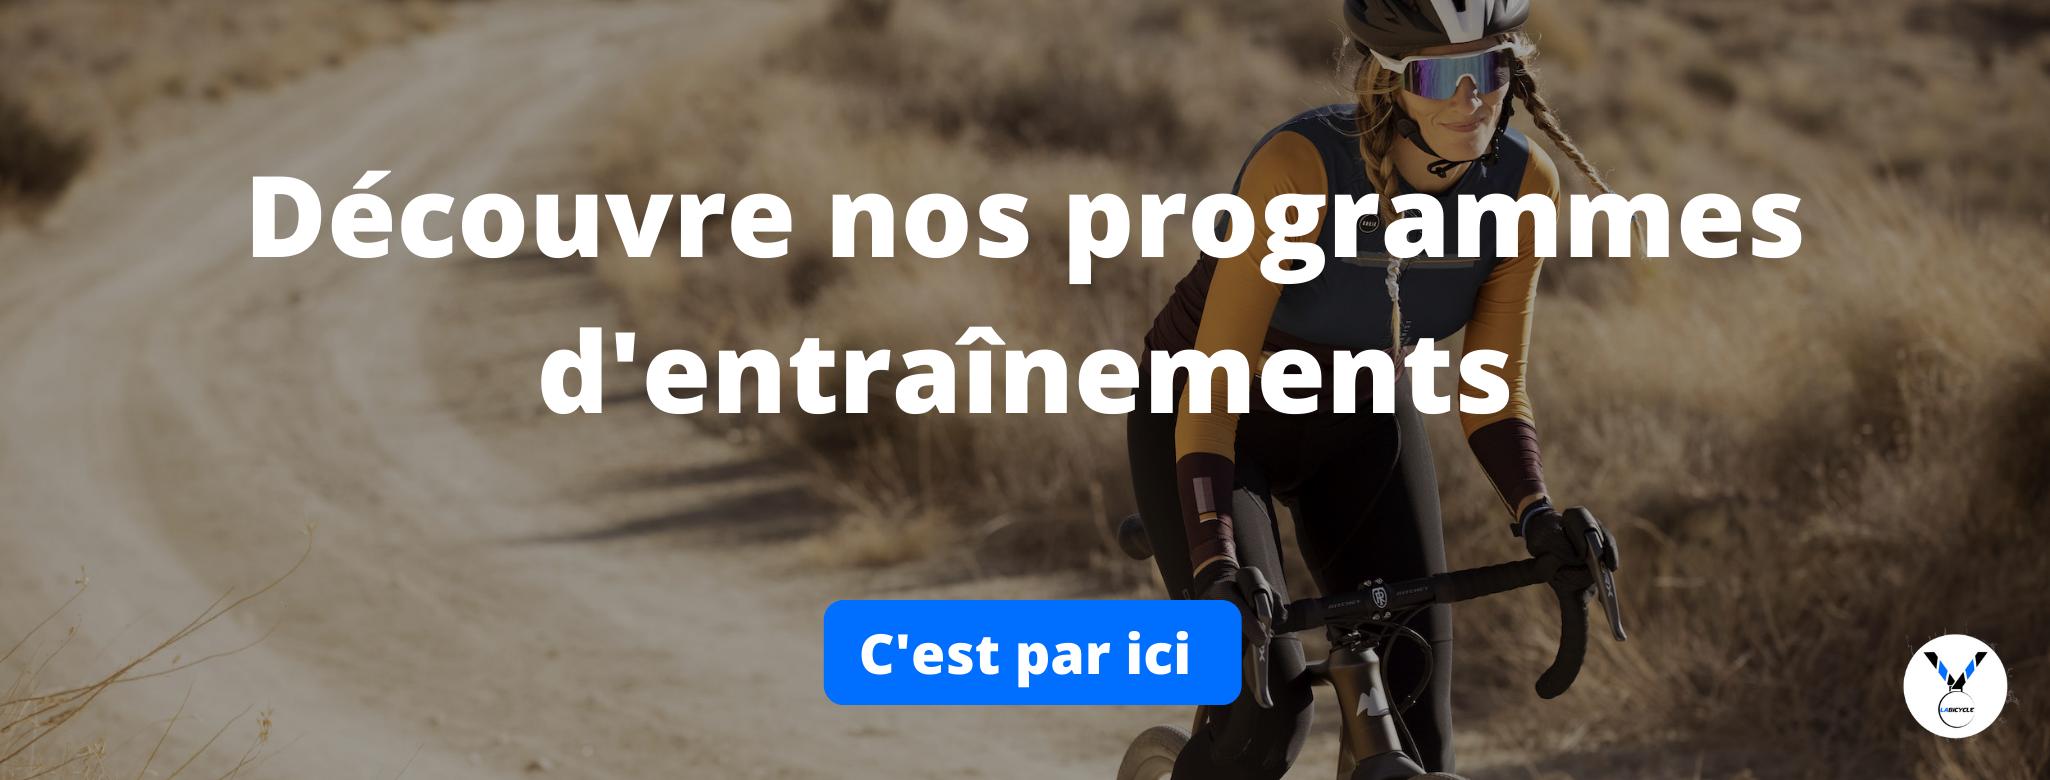 Programmes d'entrainements Cyclistes